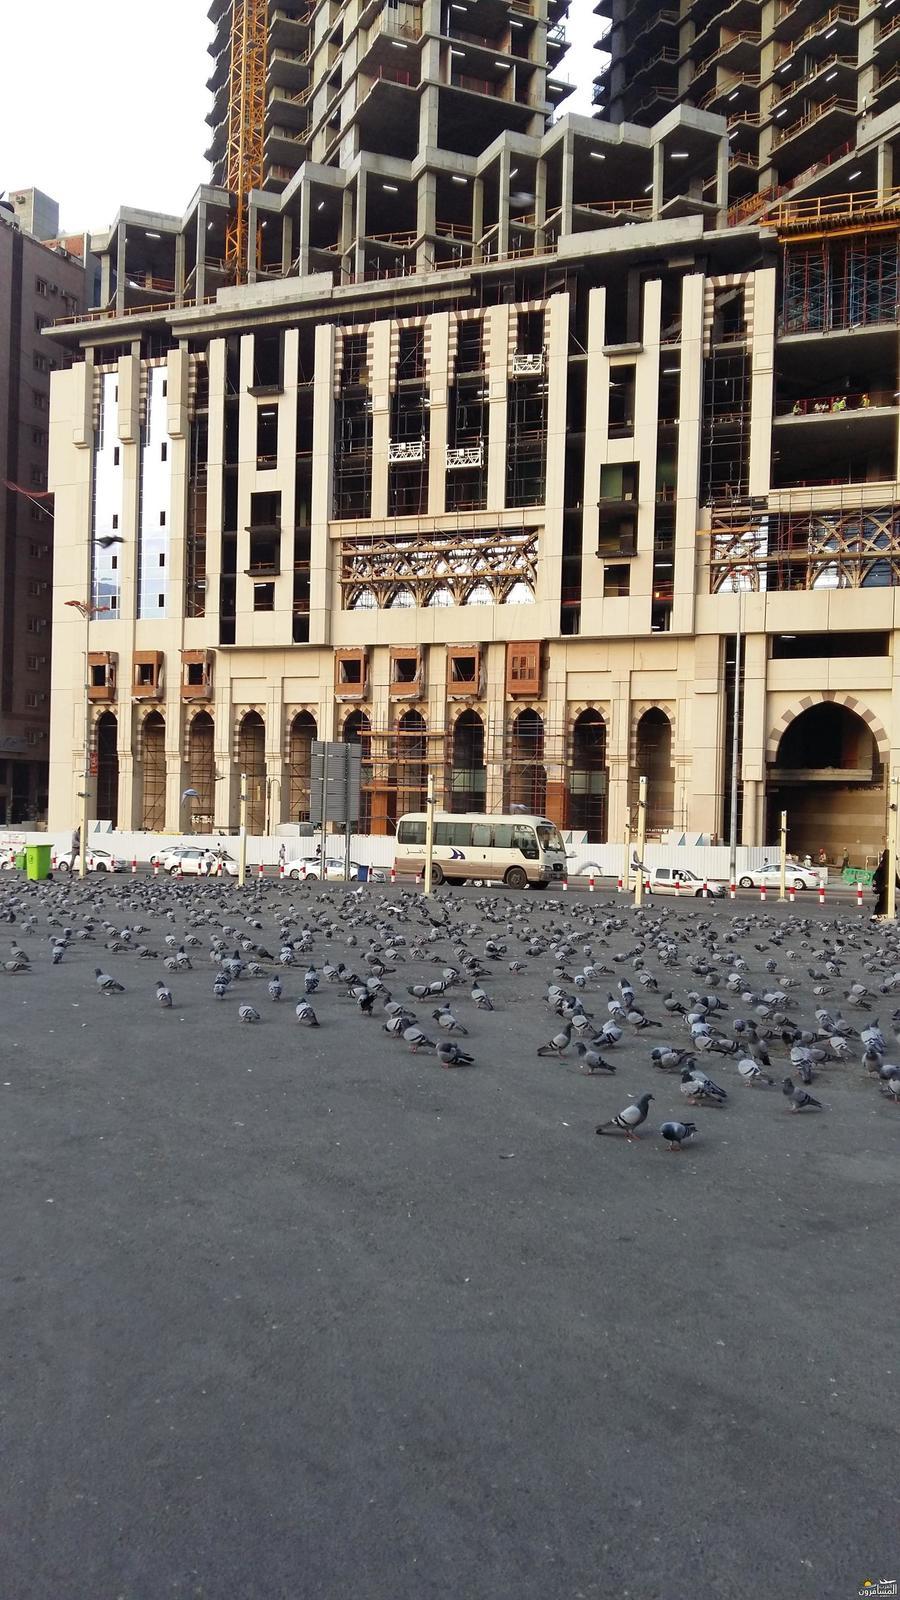 655116 المسافرون العرب نبذة عن الميقات